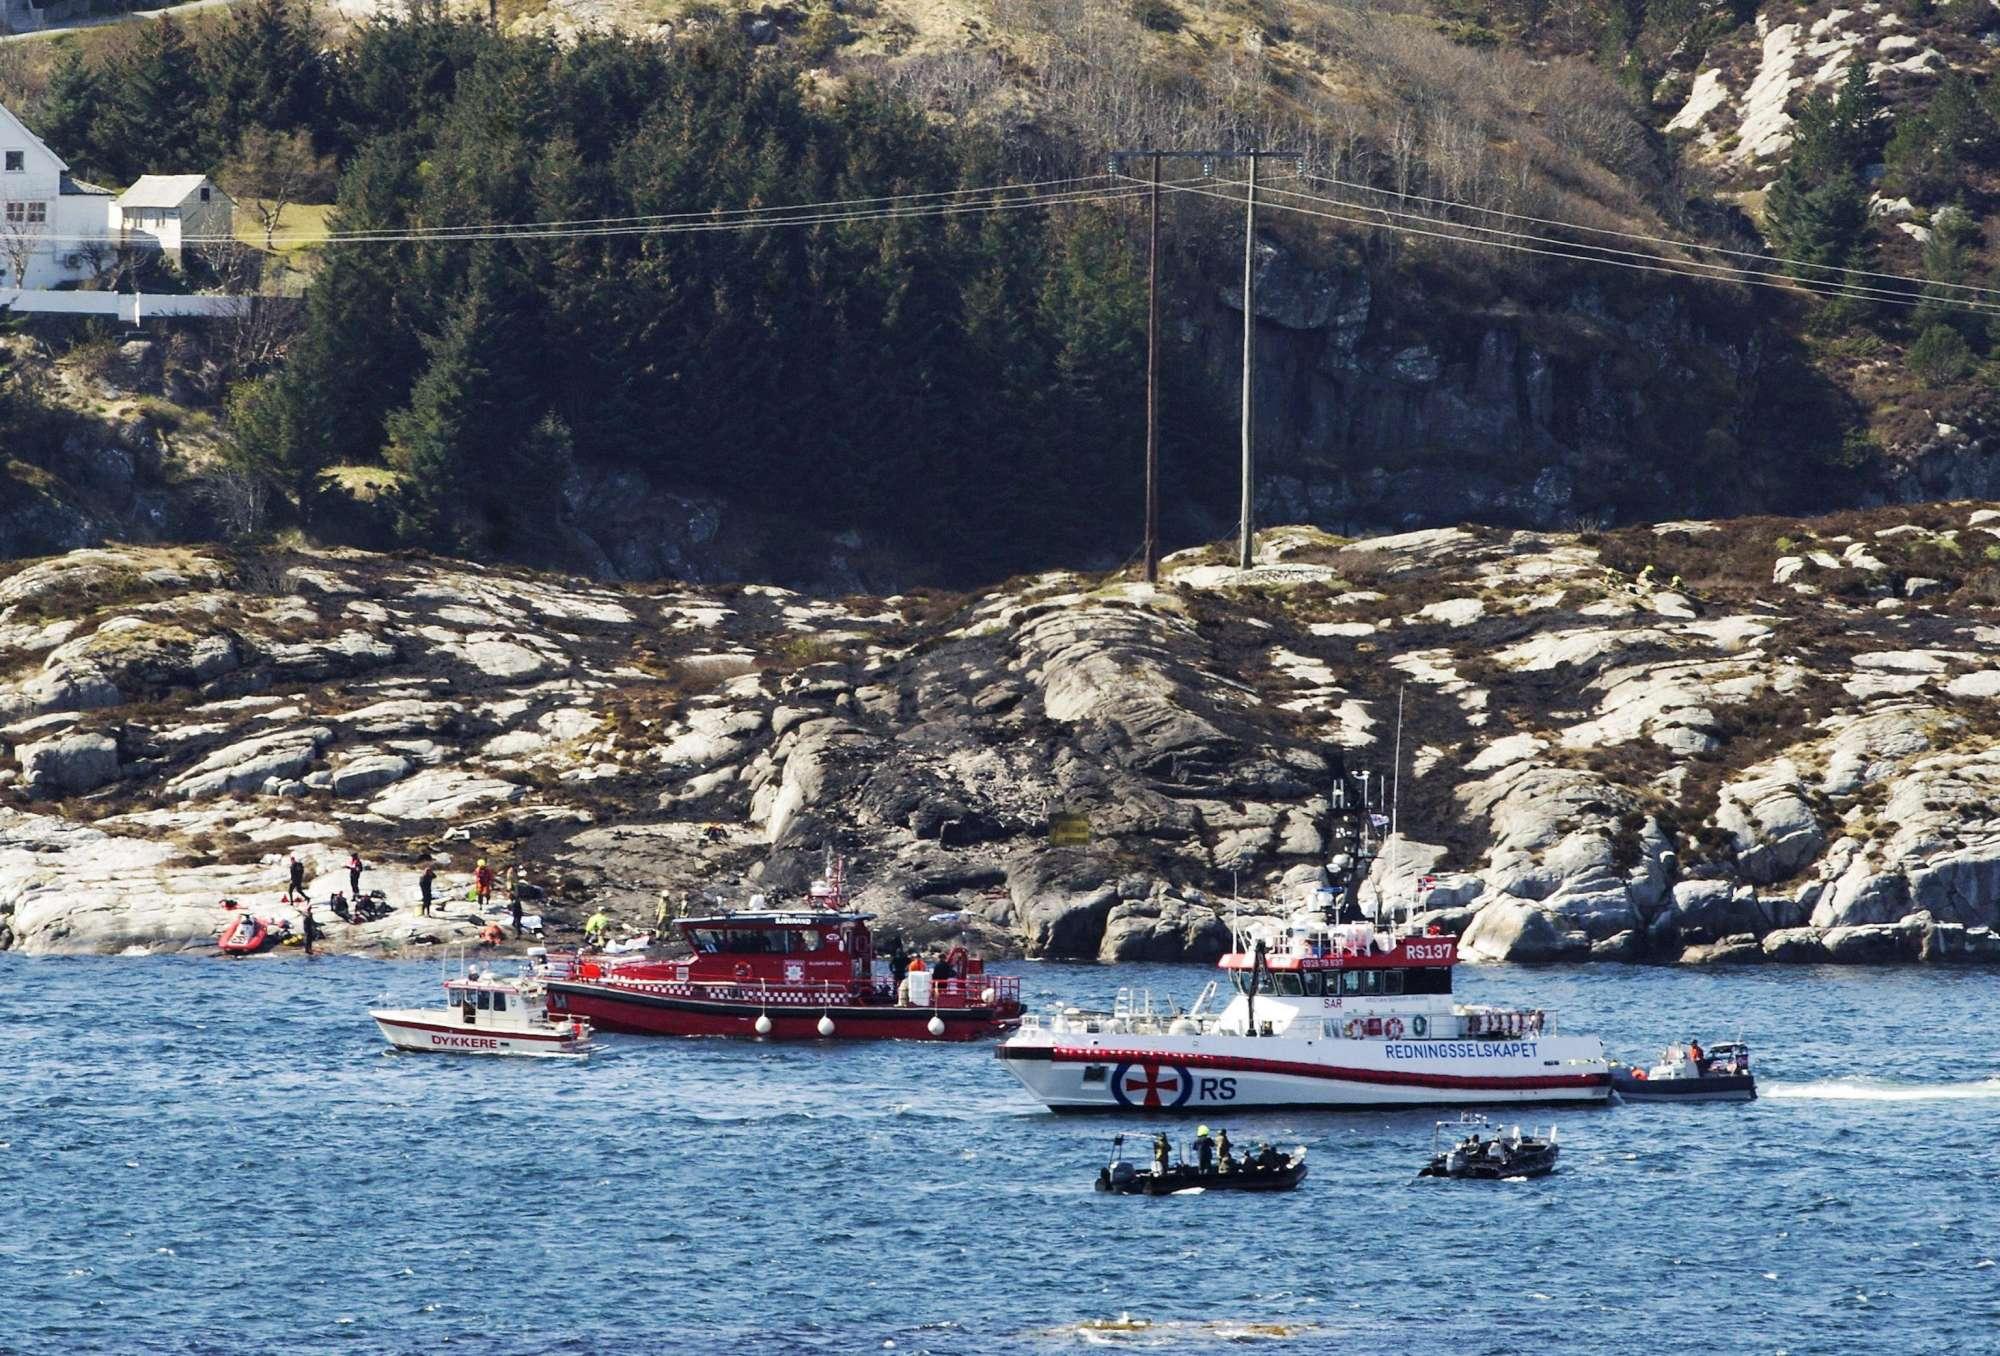 Un Elicottero : Norvegia precipita un elicottero con persone a bordo anche un